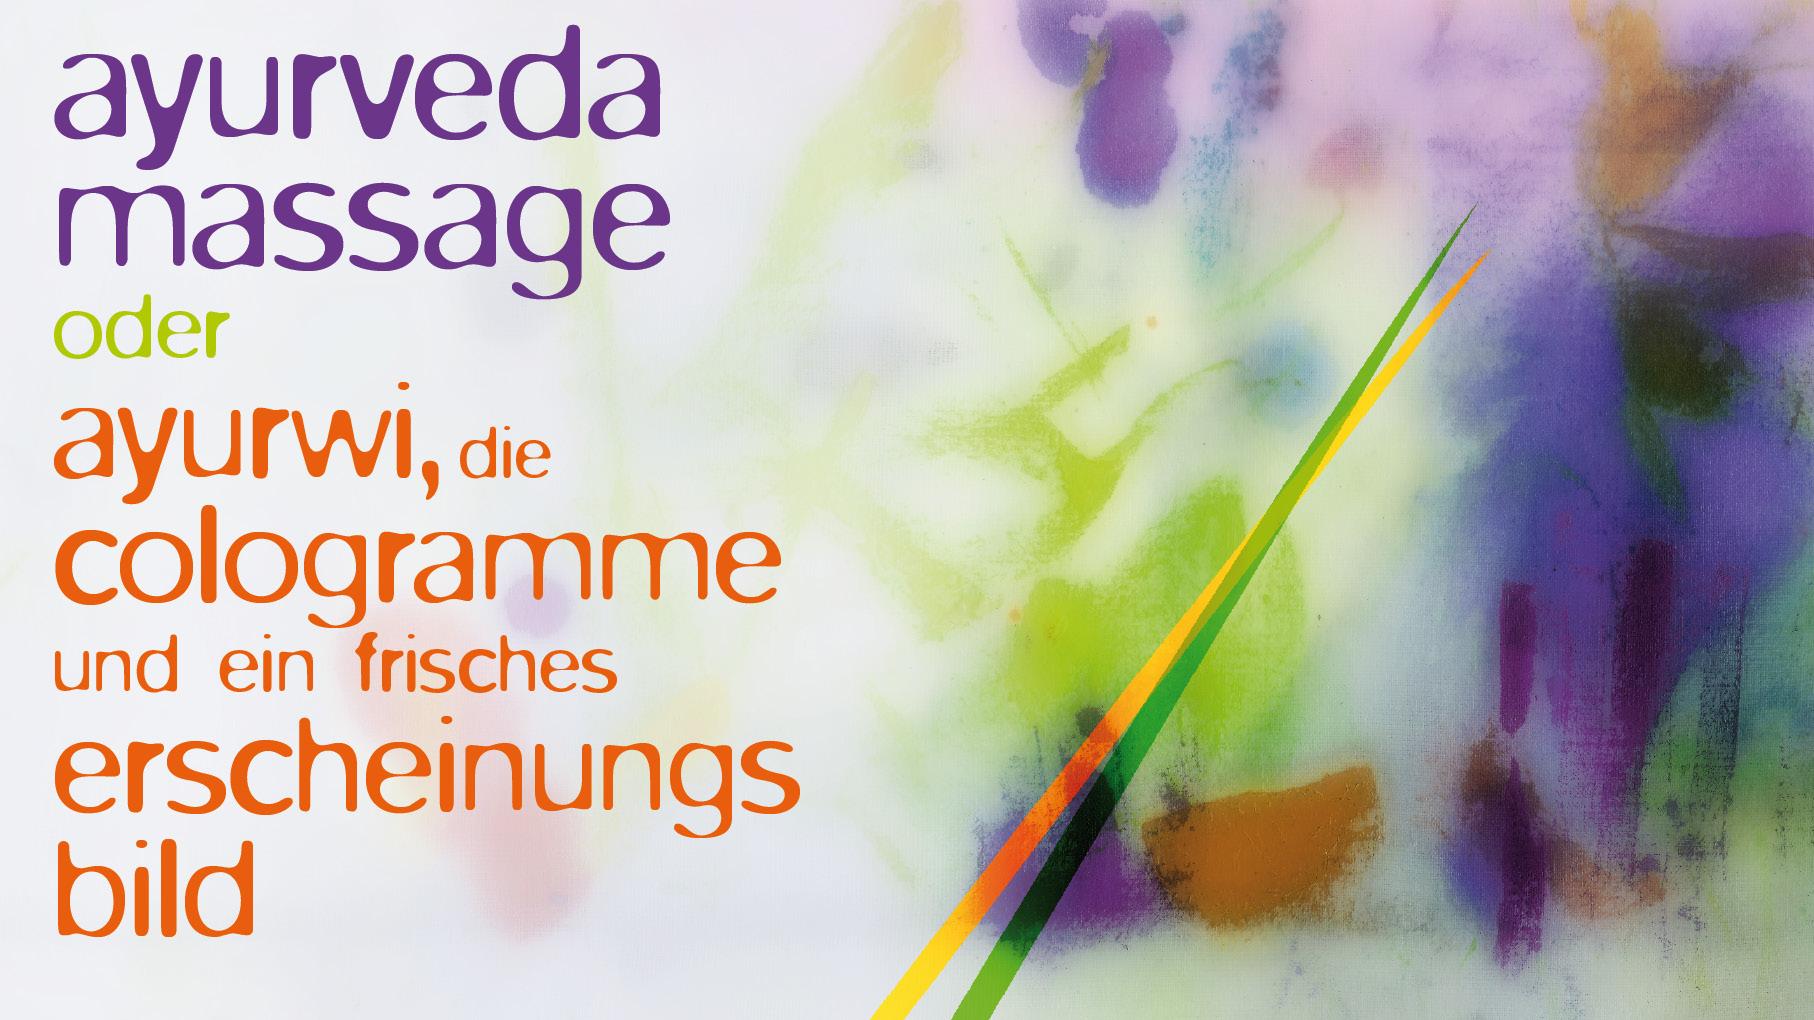 Frisch wie Zitronengras: Erscheinungsbild für eine Ayurveda Praxis.